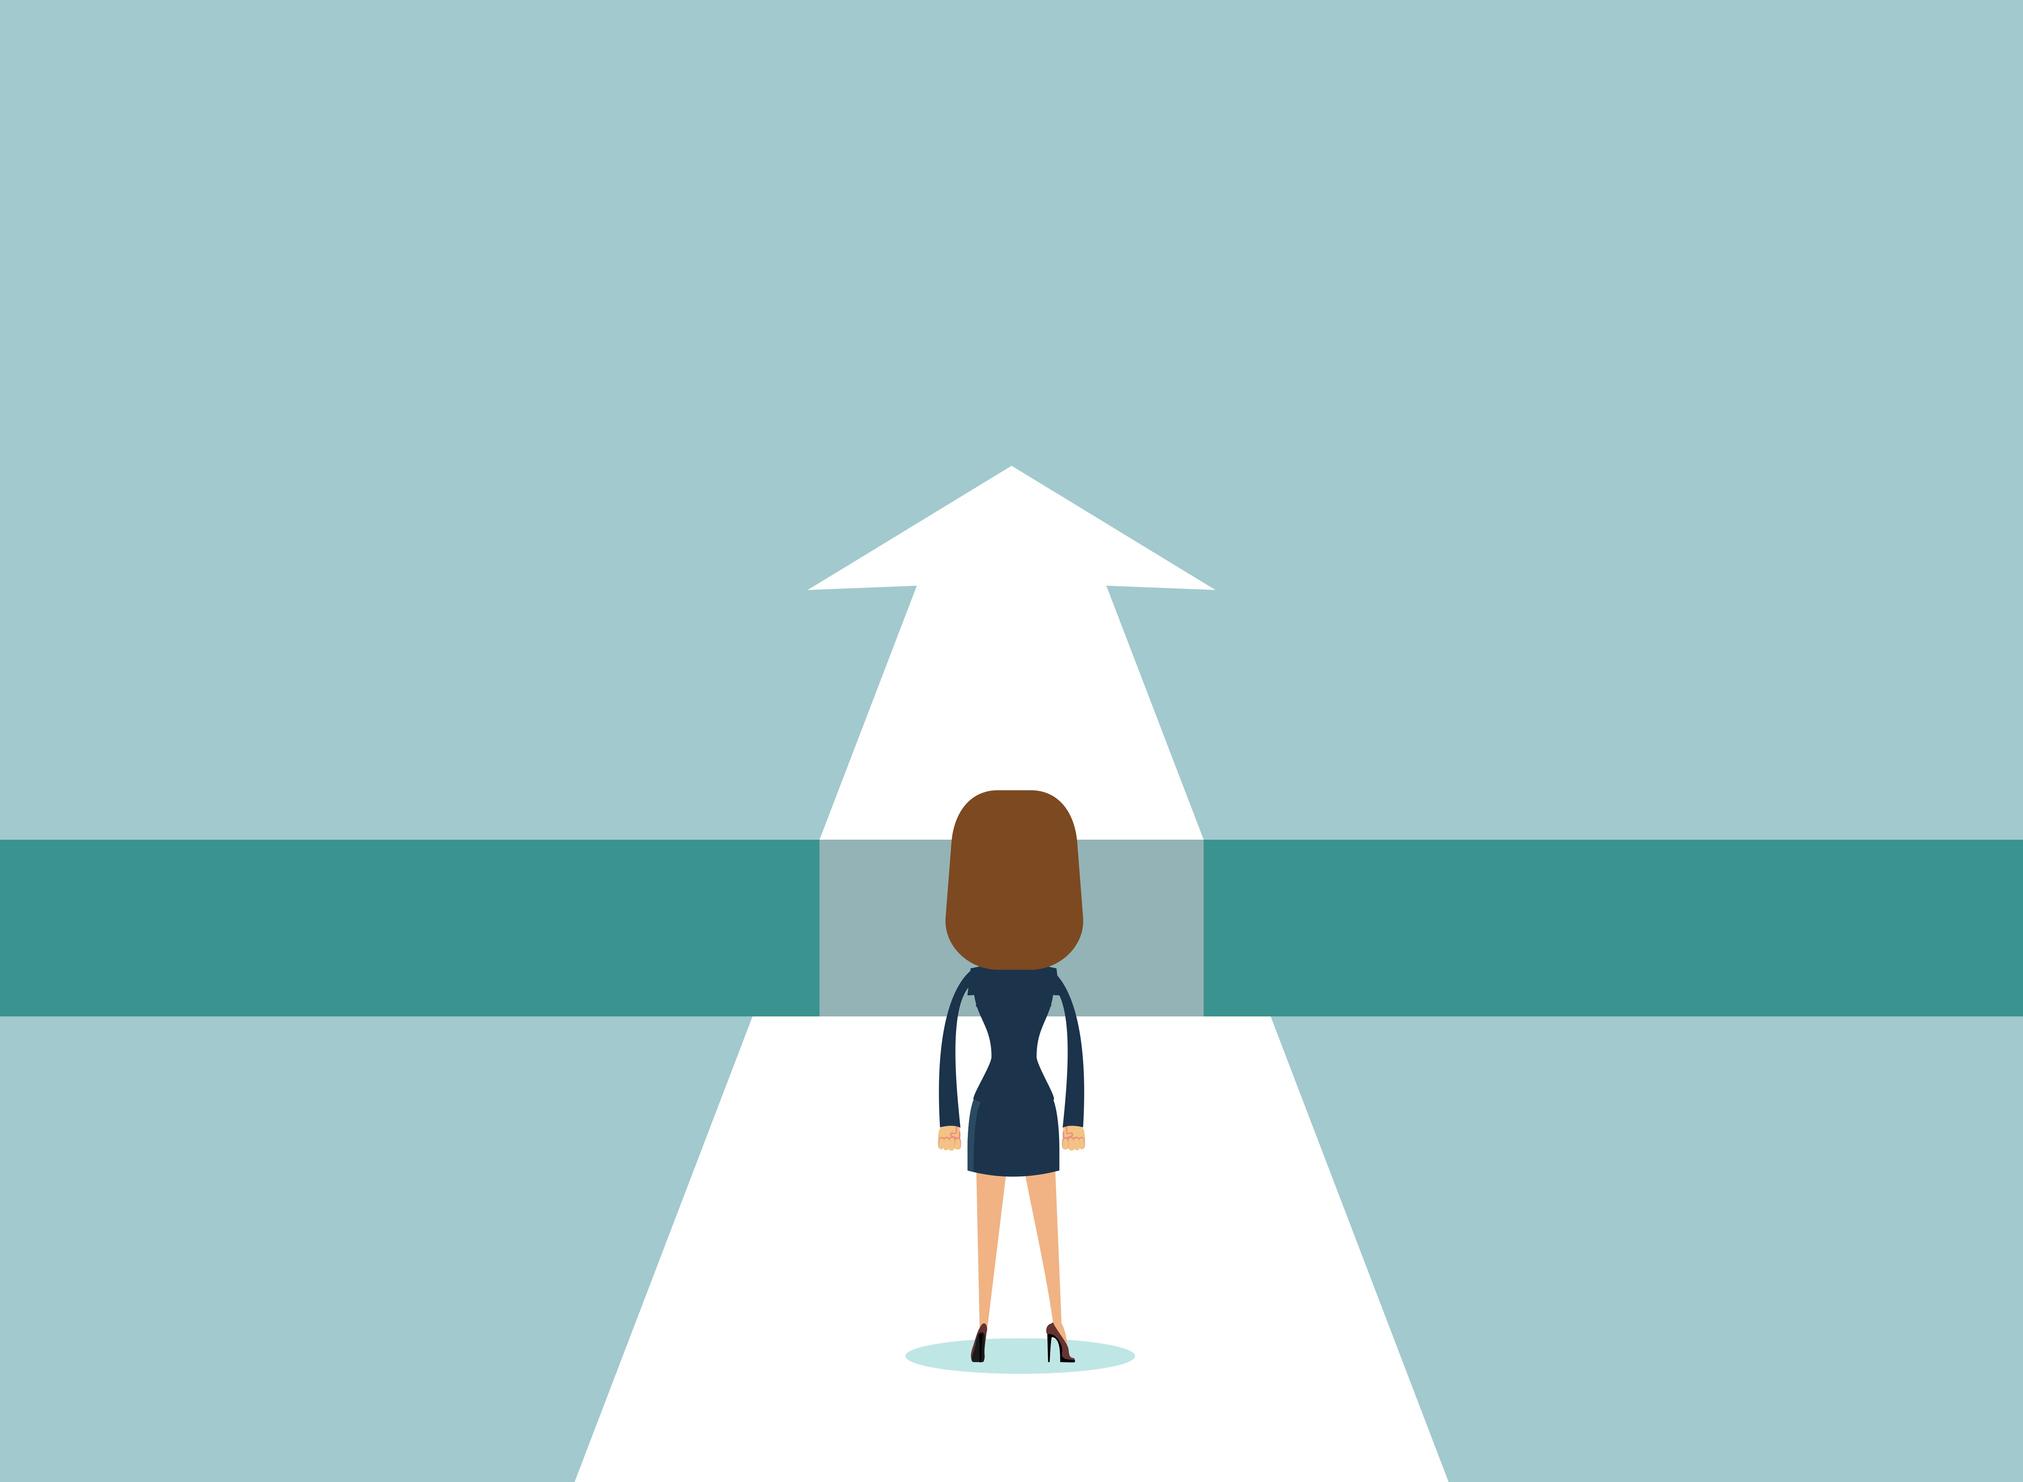 Femeile din IT&C se confruntă cu bariere în calea progresului în carieră, din cauza pandemiei